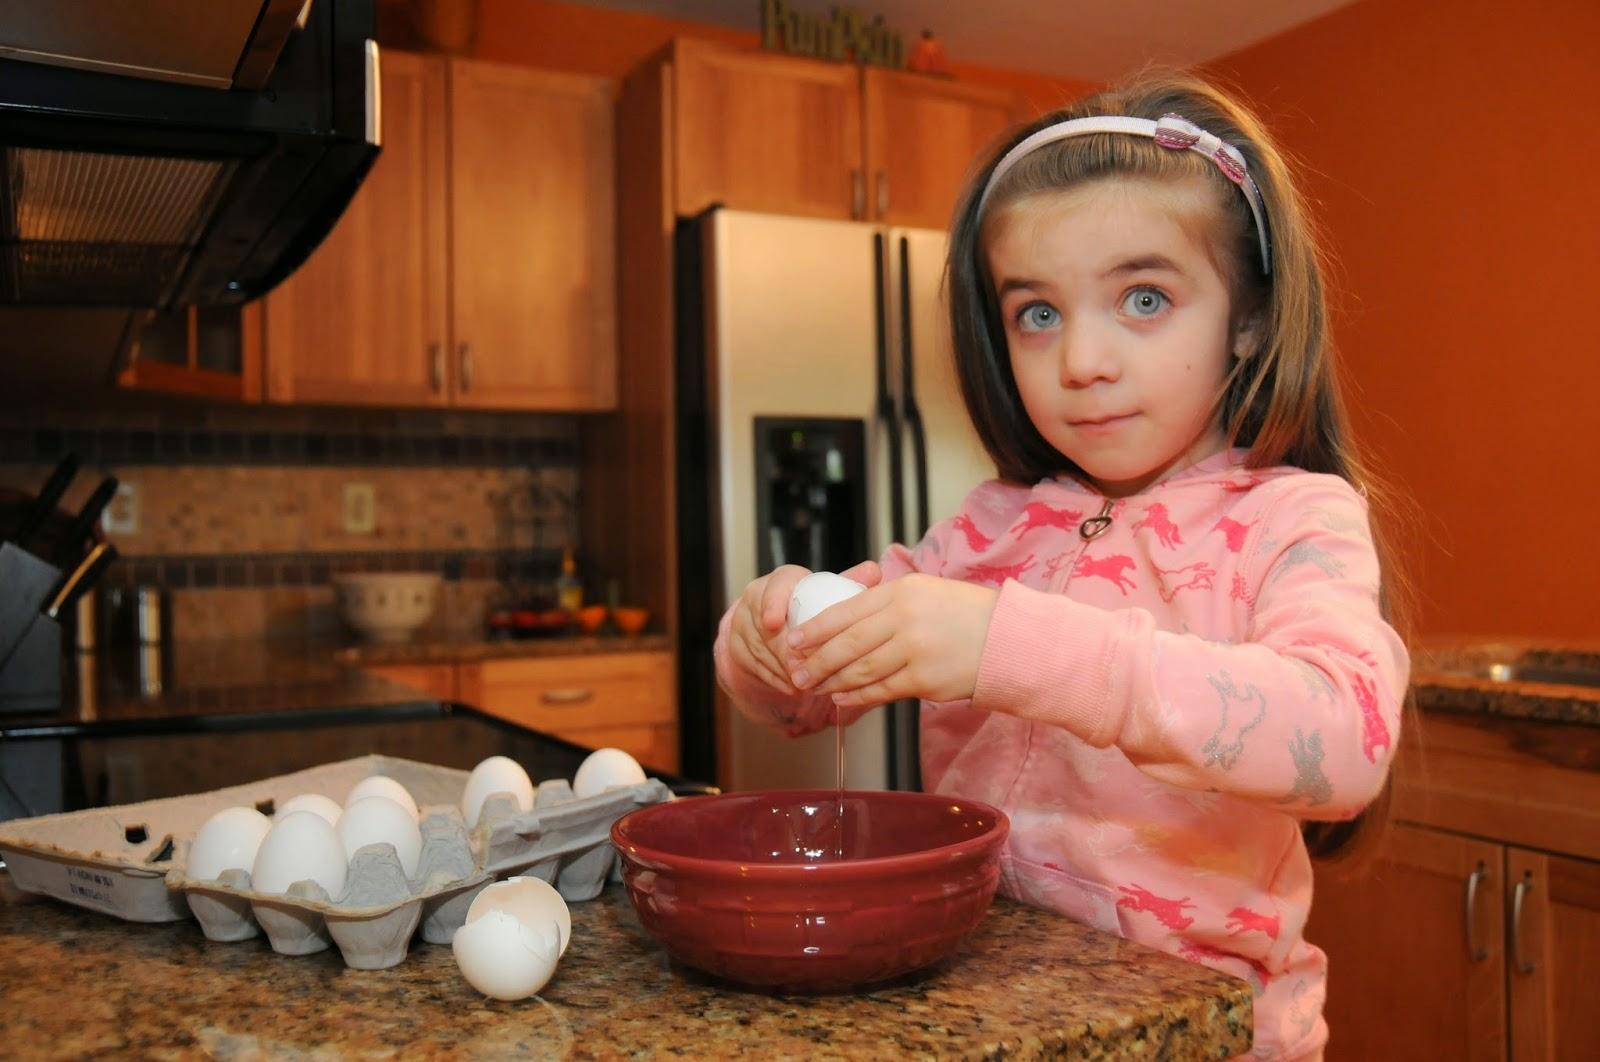 Little Girl Cracking Eggs